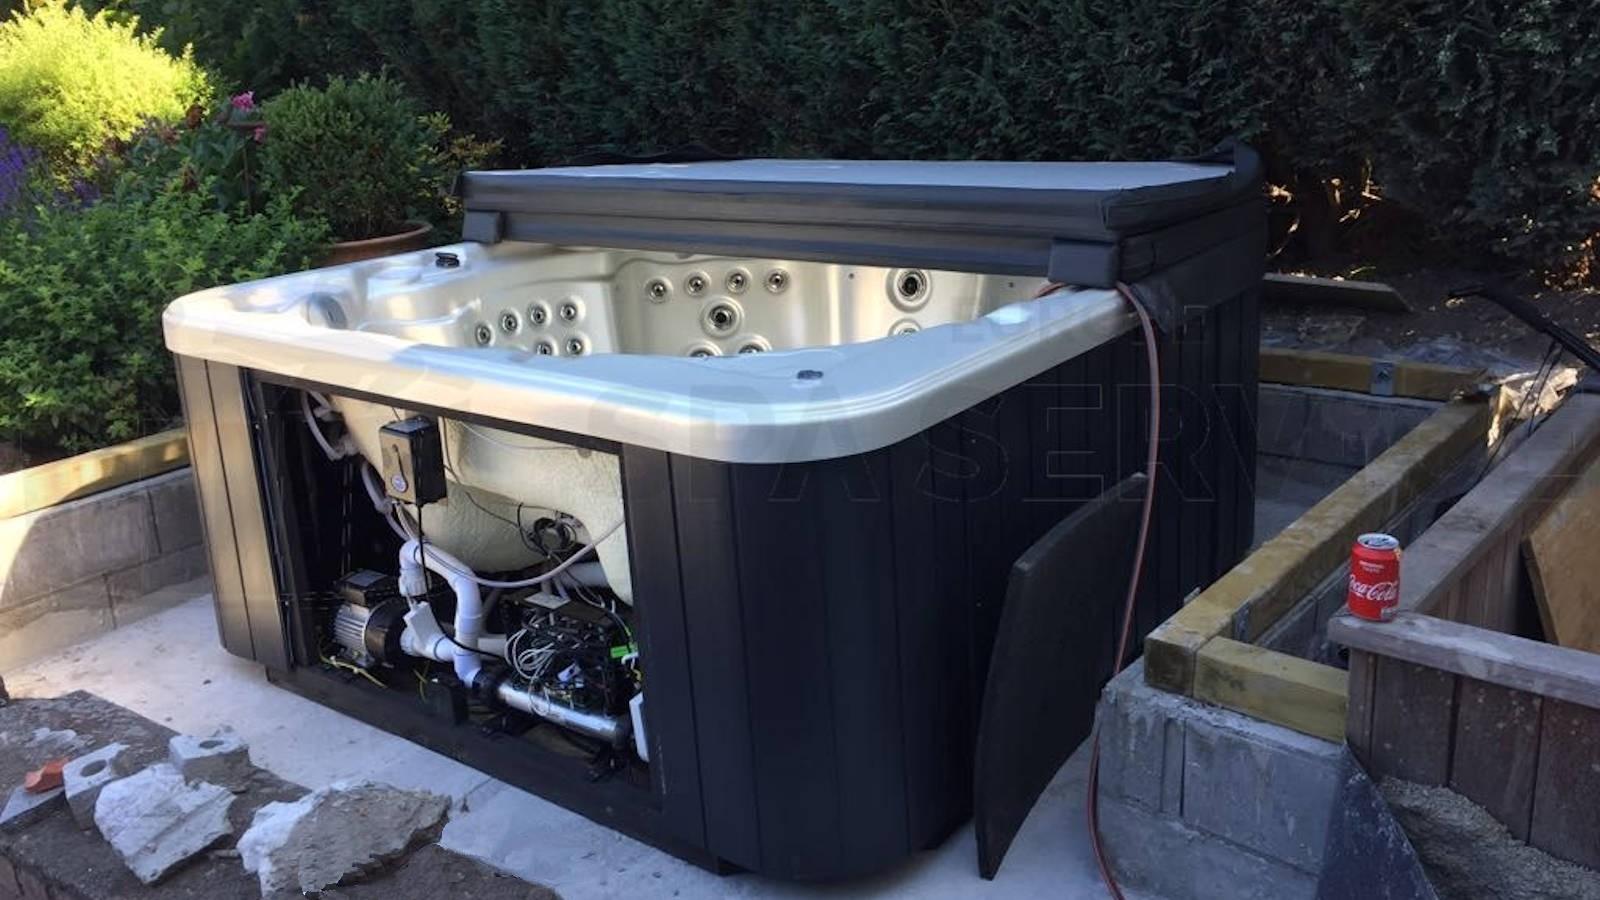 Plaatsing Allseas Oasis SL-5601 spa in Fleurus België